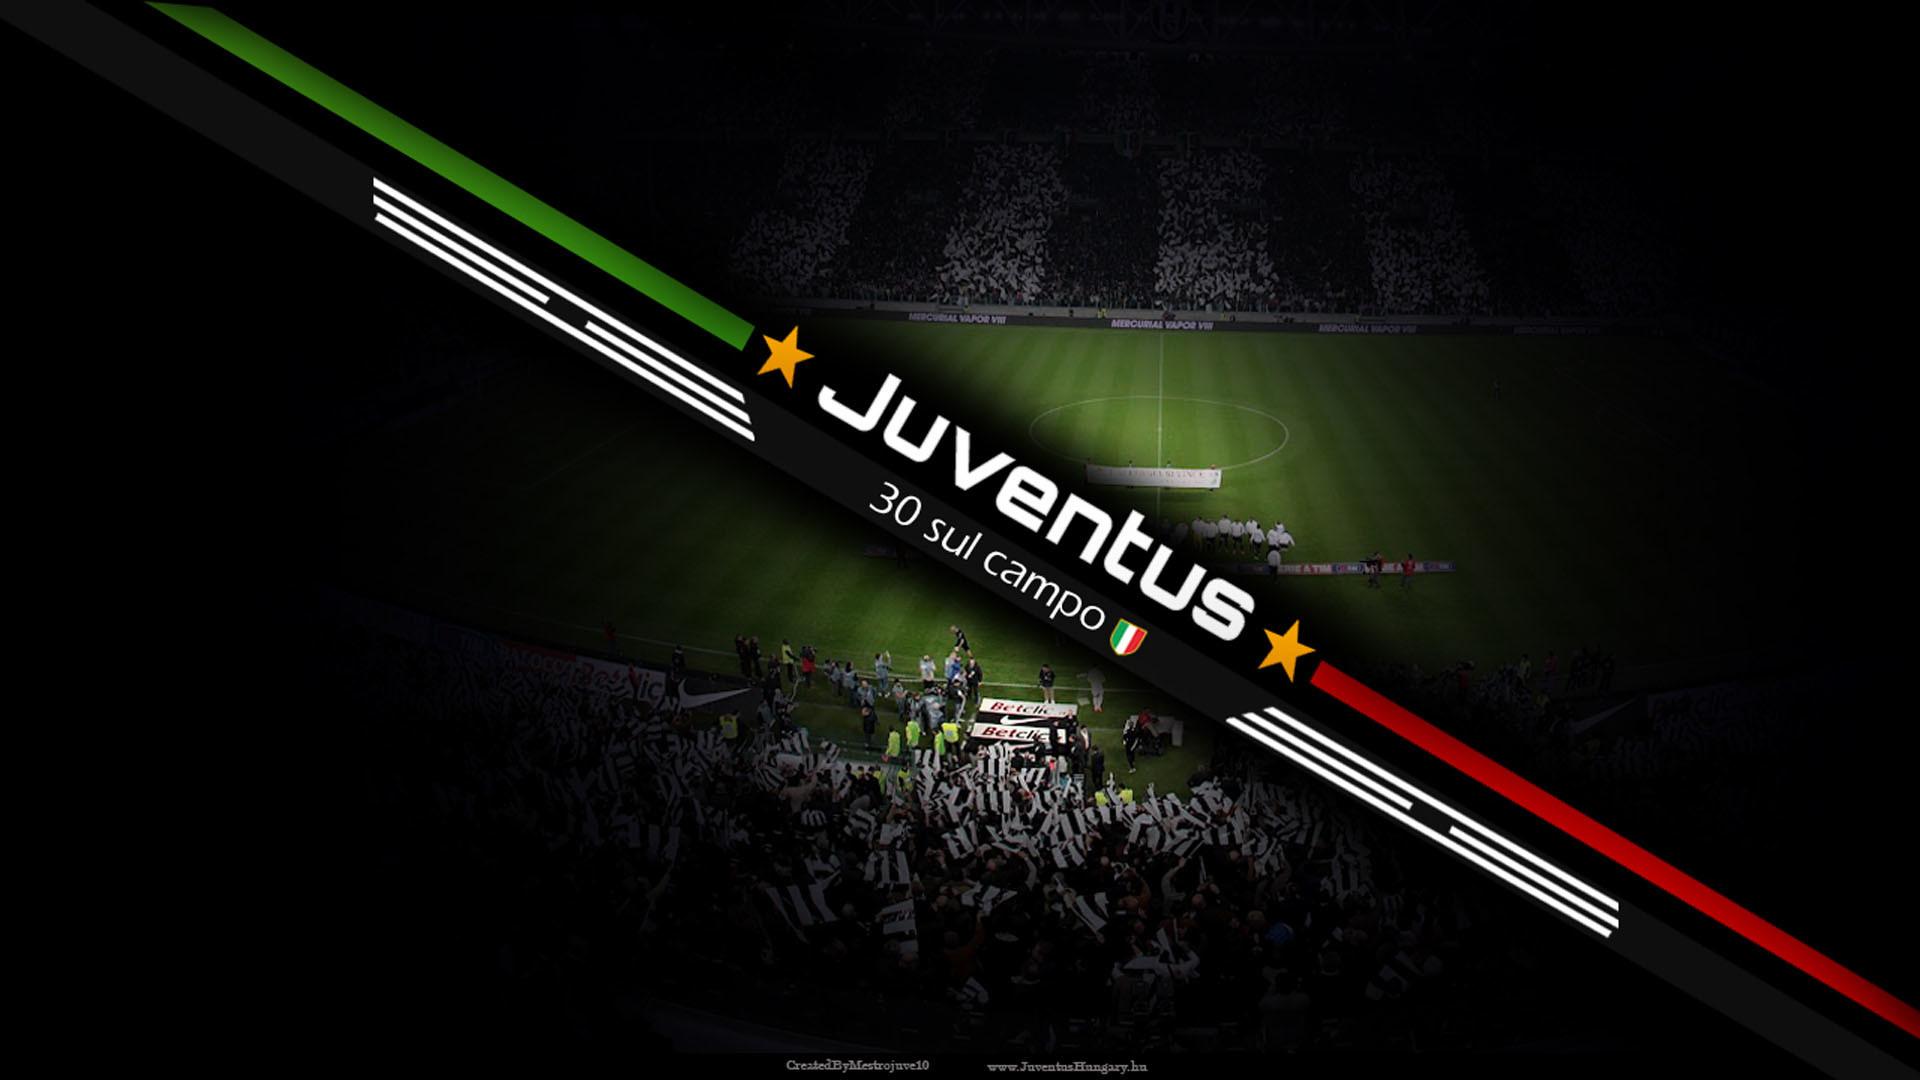 Juventus hd wallpaper logo